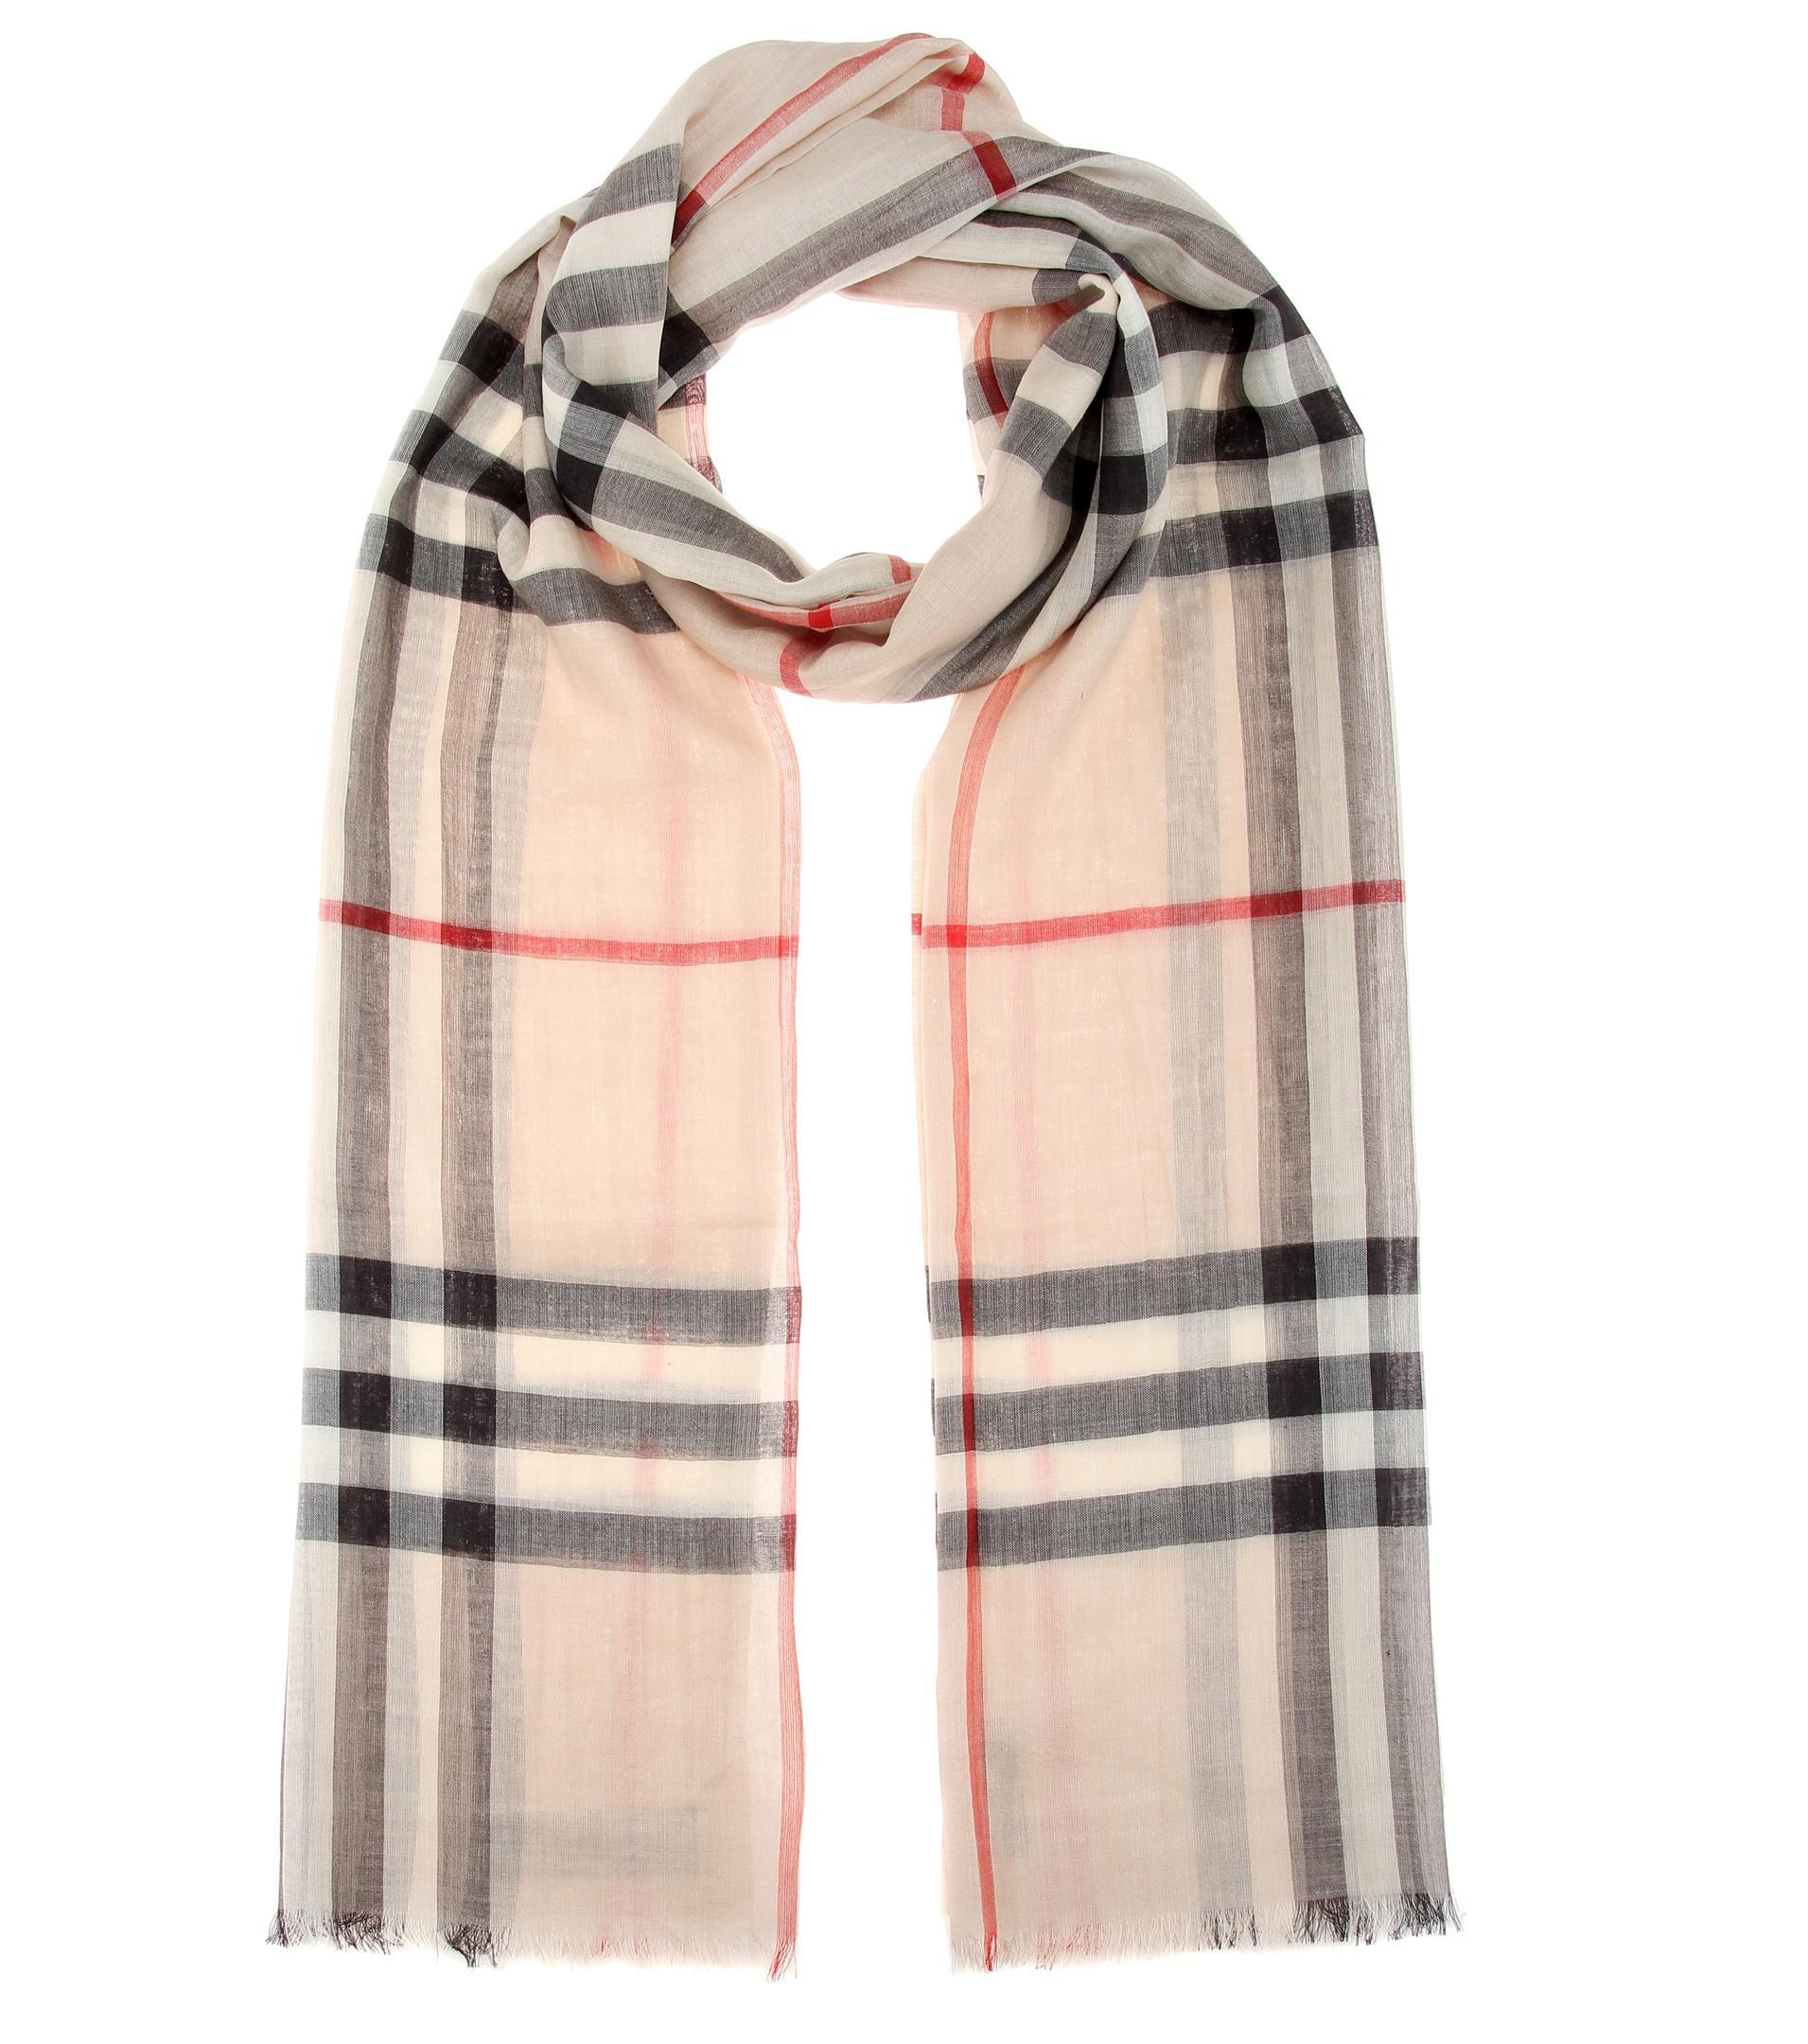 Lyst - Écharpe en laine et soie à carreaux Check Burberry en coloris ... 4b3723c6ae04